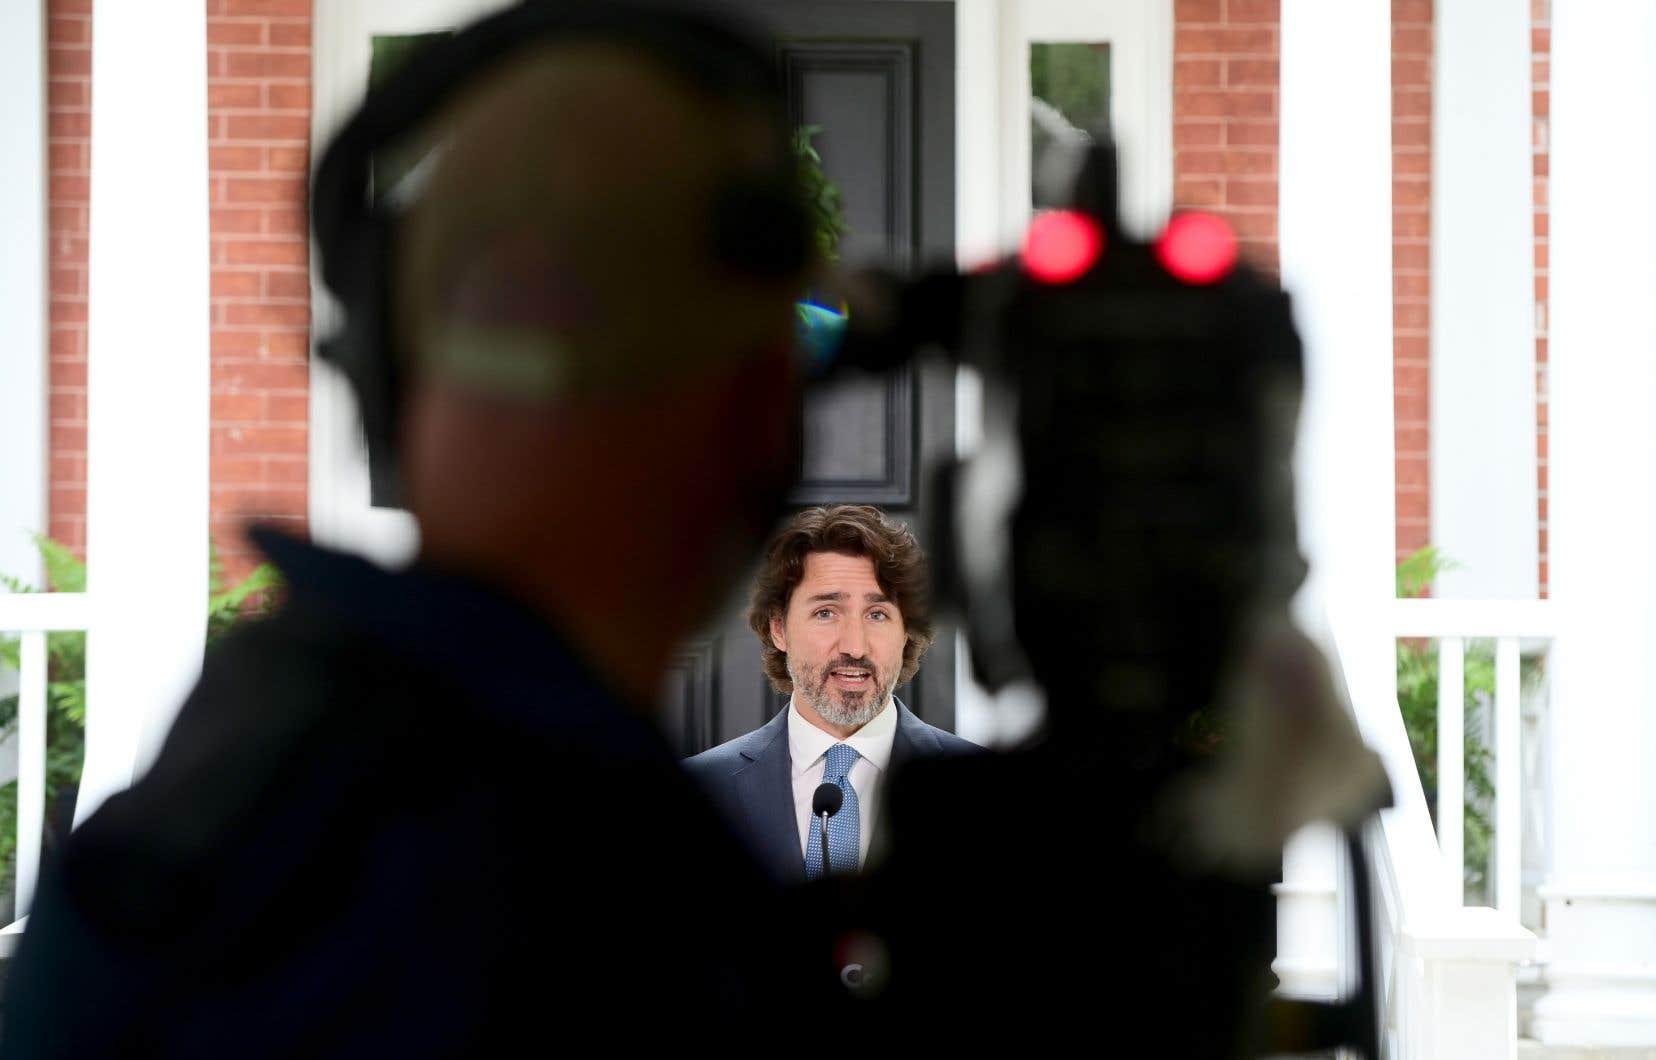 Le discours de Justin Trudeau mardi laissait peu de doutes sur le fait qu'il se prépare à possiblement briguer un nouveau mandat cet automne.